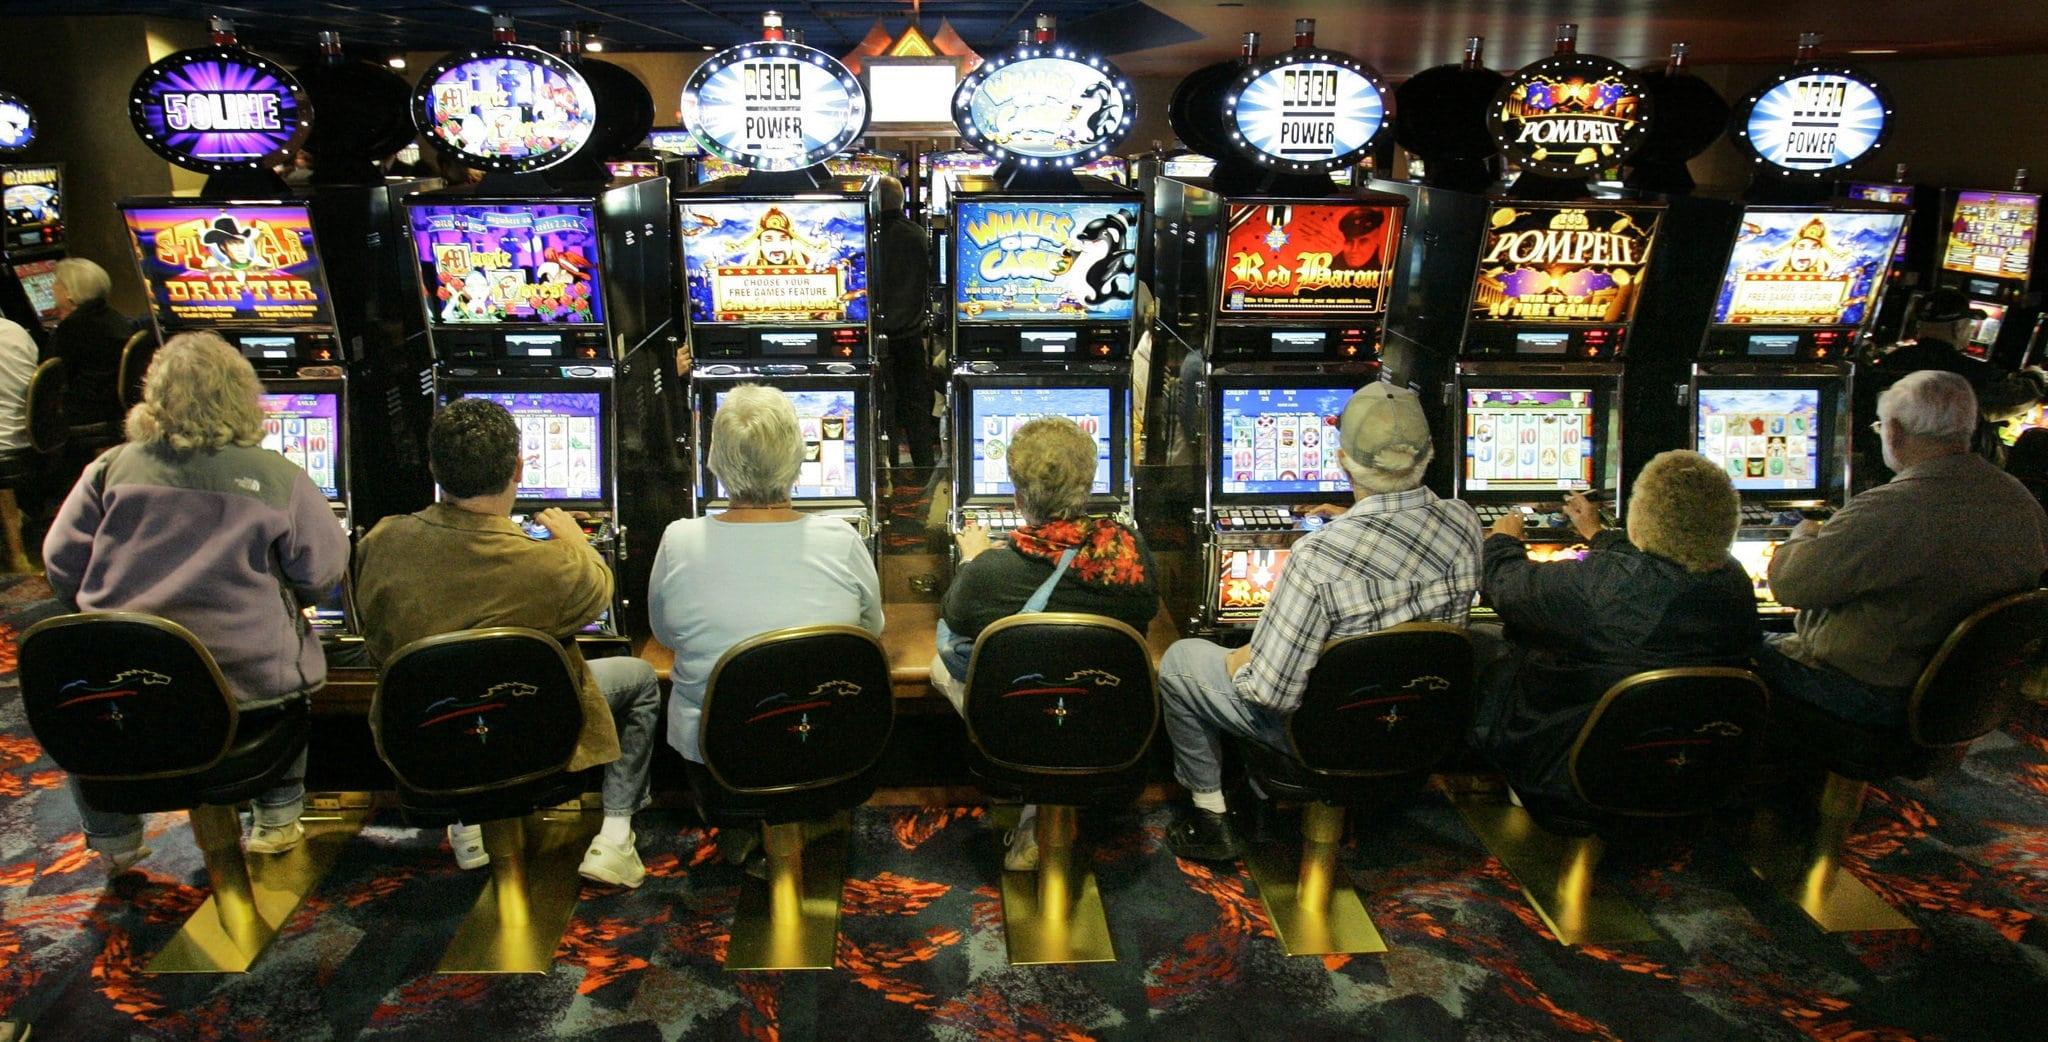 礁石俱乐部赌场的欧元580在线赌场锦标赛